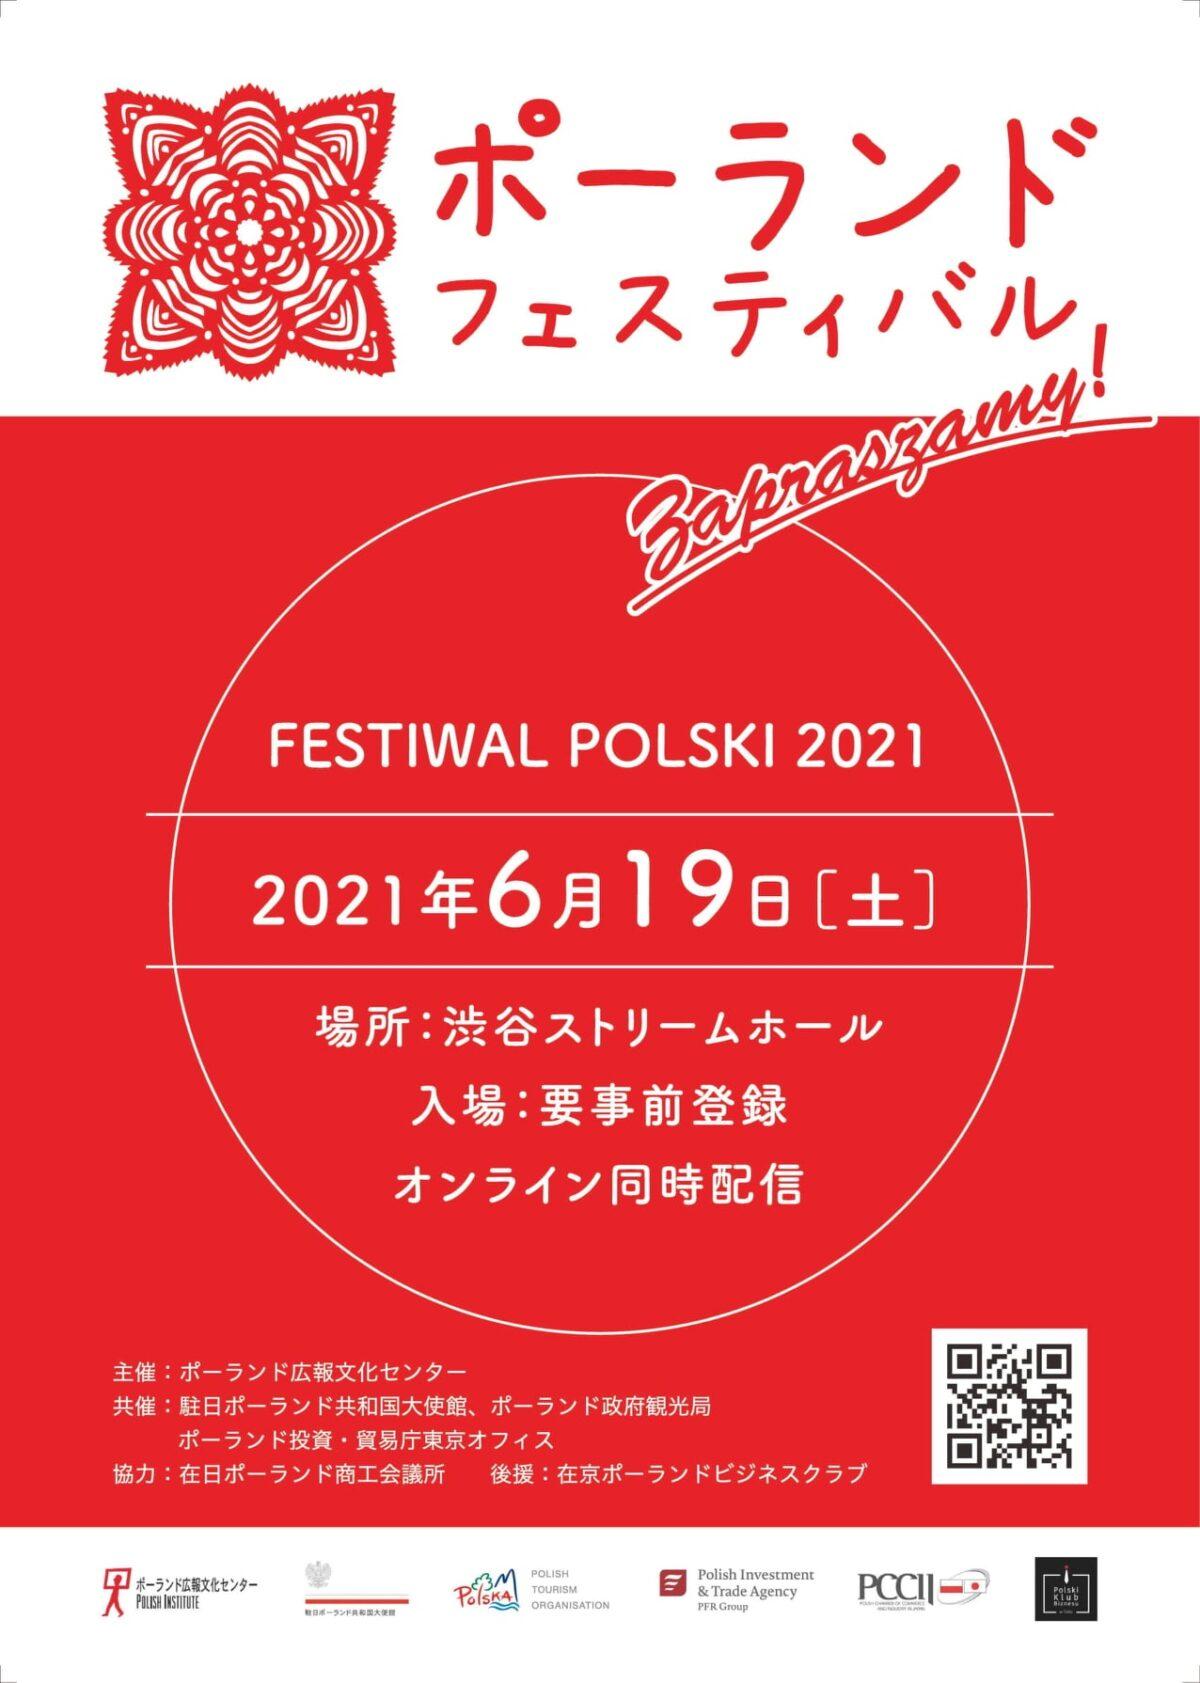 2021年6月19日(土) ポーランド・フェスティバル2021@渋谷ストリーム